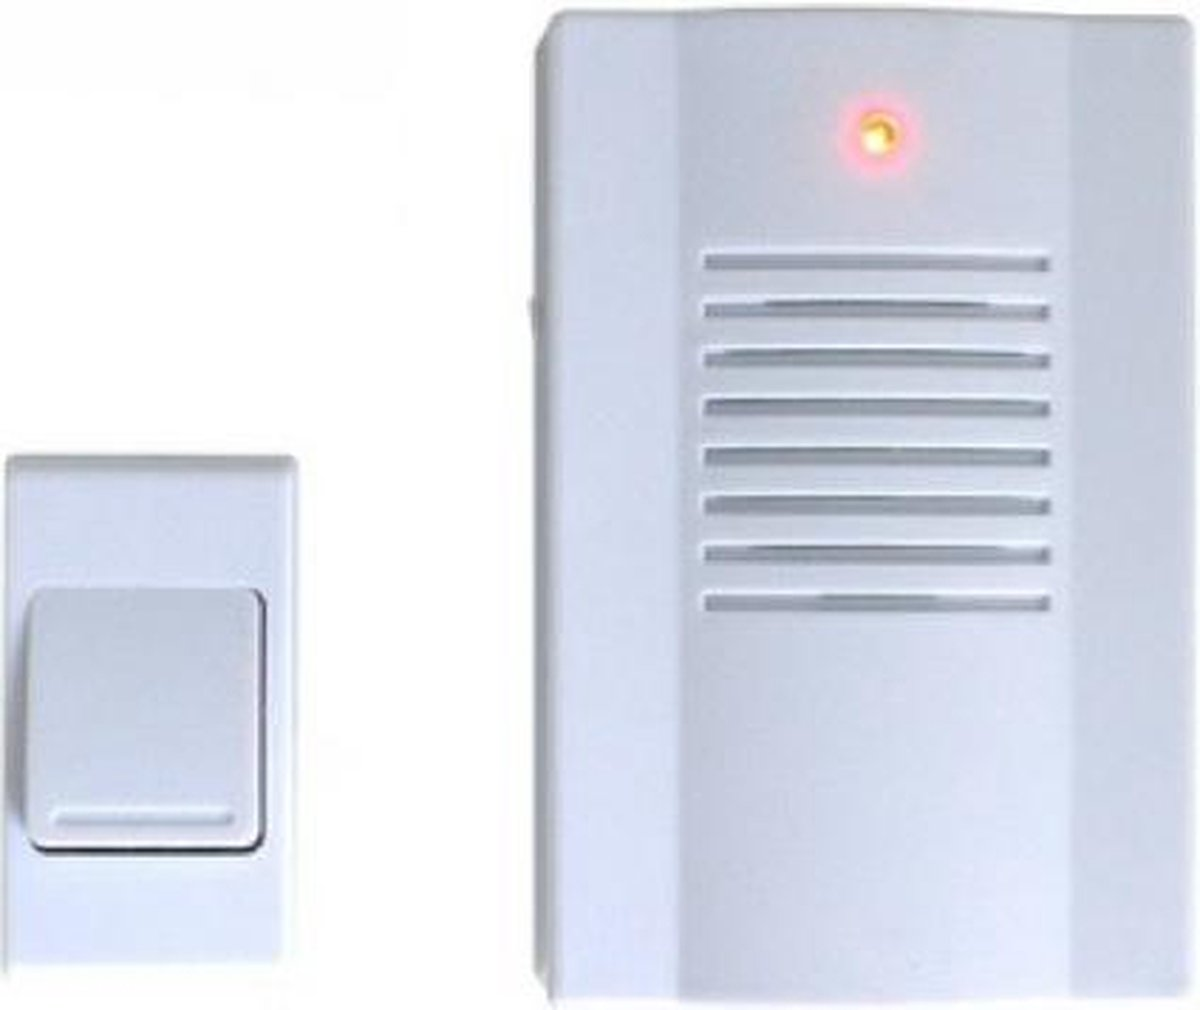 Deurbelsets | Deurbellen | Draadloze deurbel | Deurbel wit | Deurbel 1 ontvanger - Merkloos